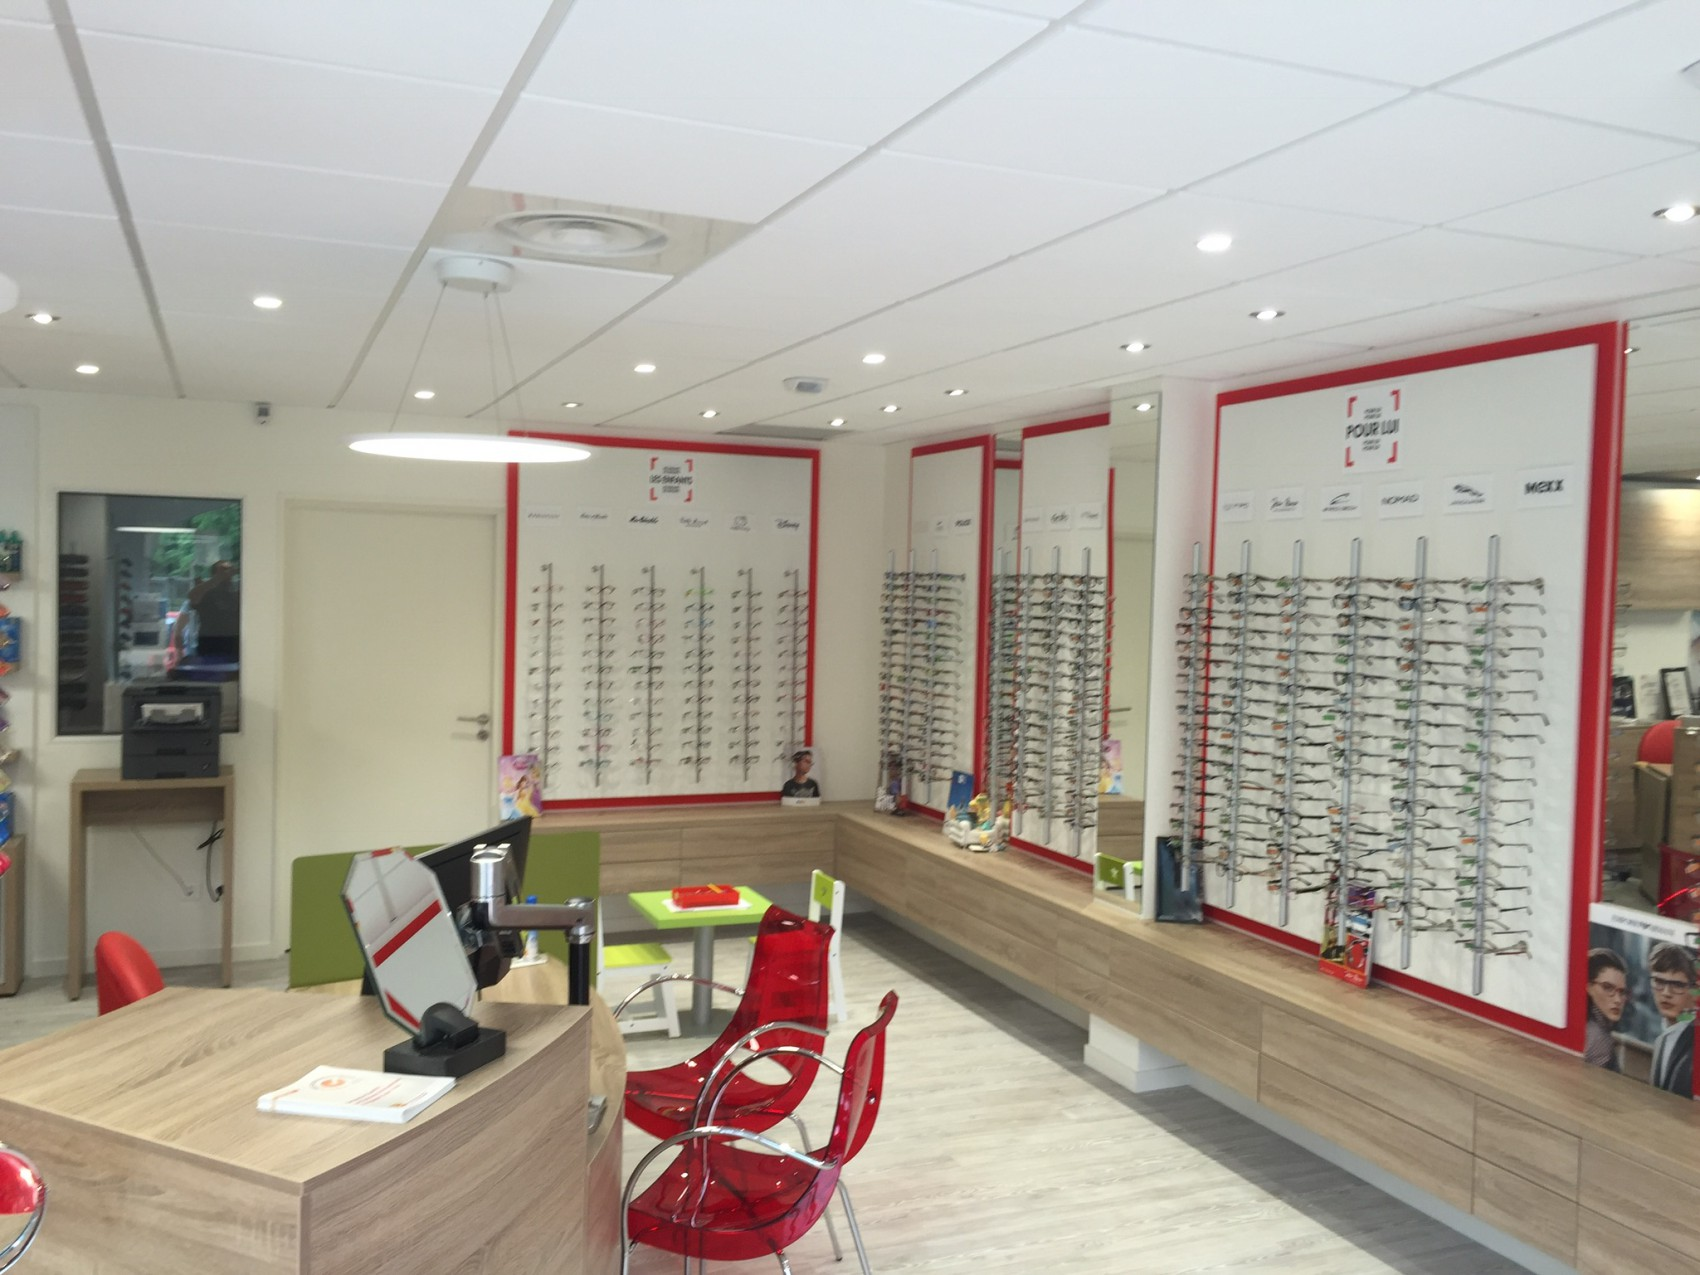 magasin de lunettes refait neuf albertville par l 39 entreprise connect lec. Black Bedroom Furniture Sets. Home Design Ideas